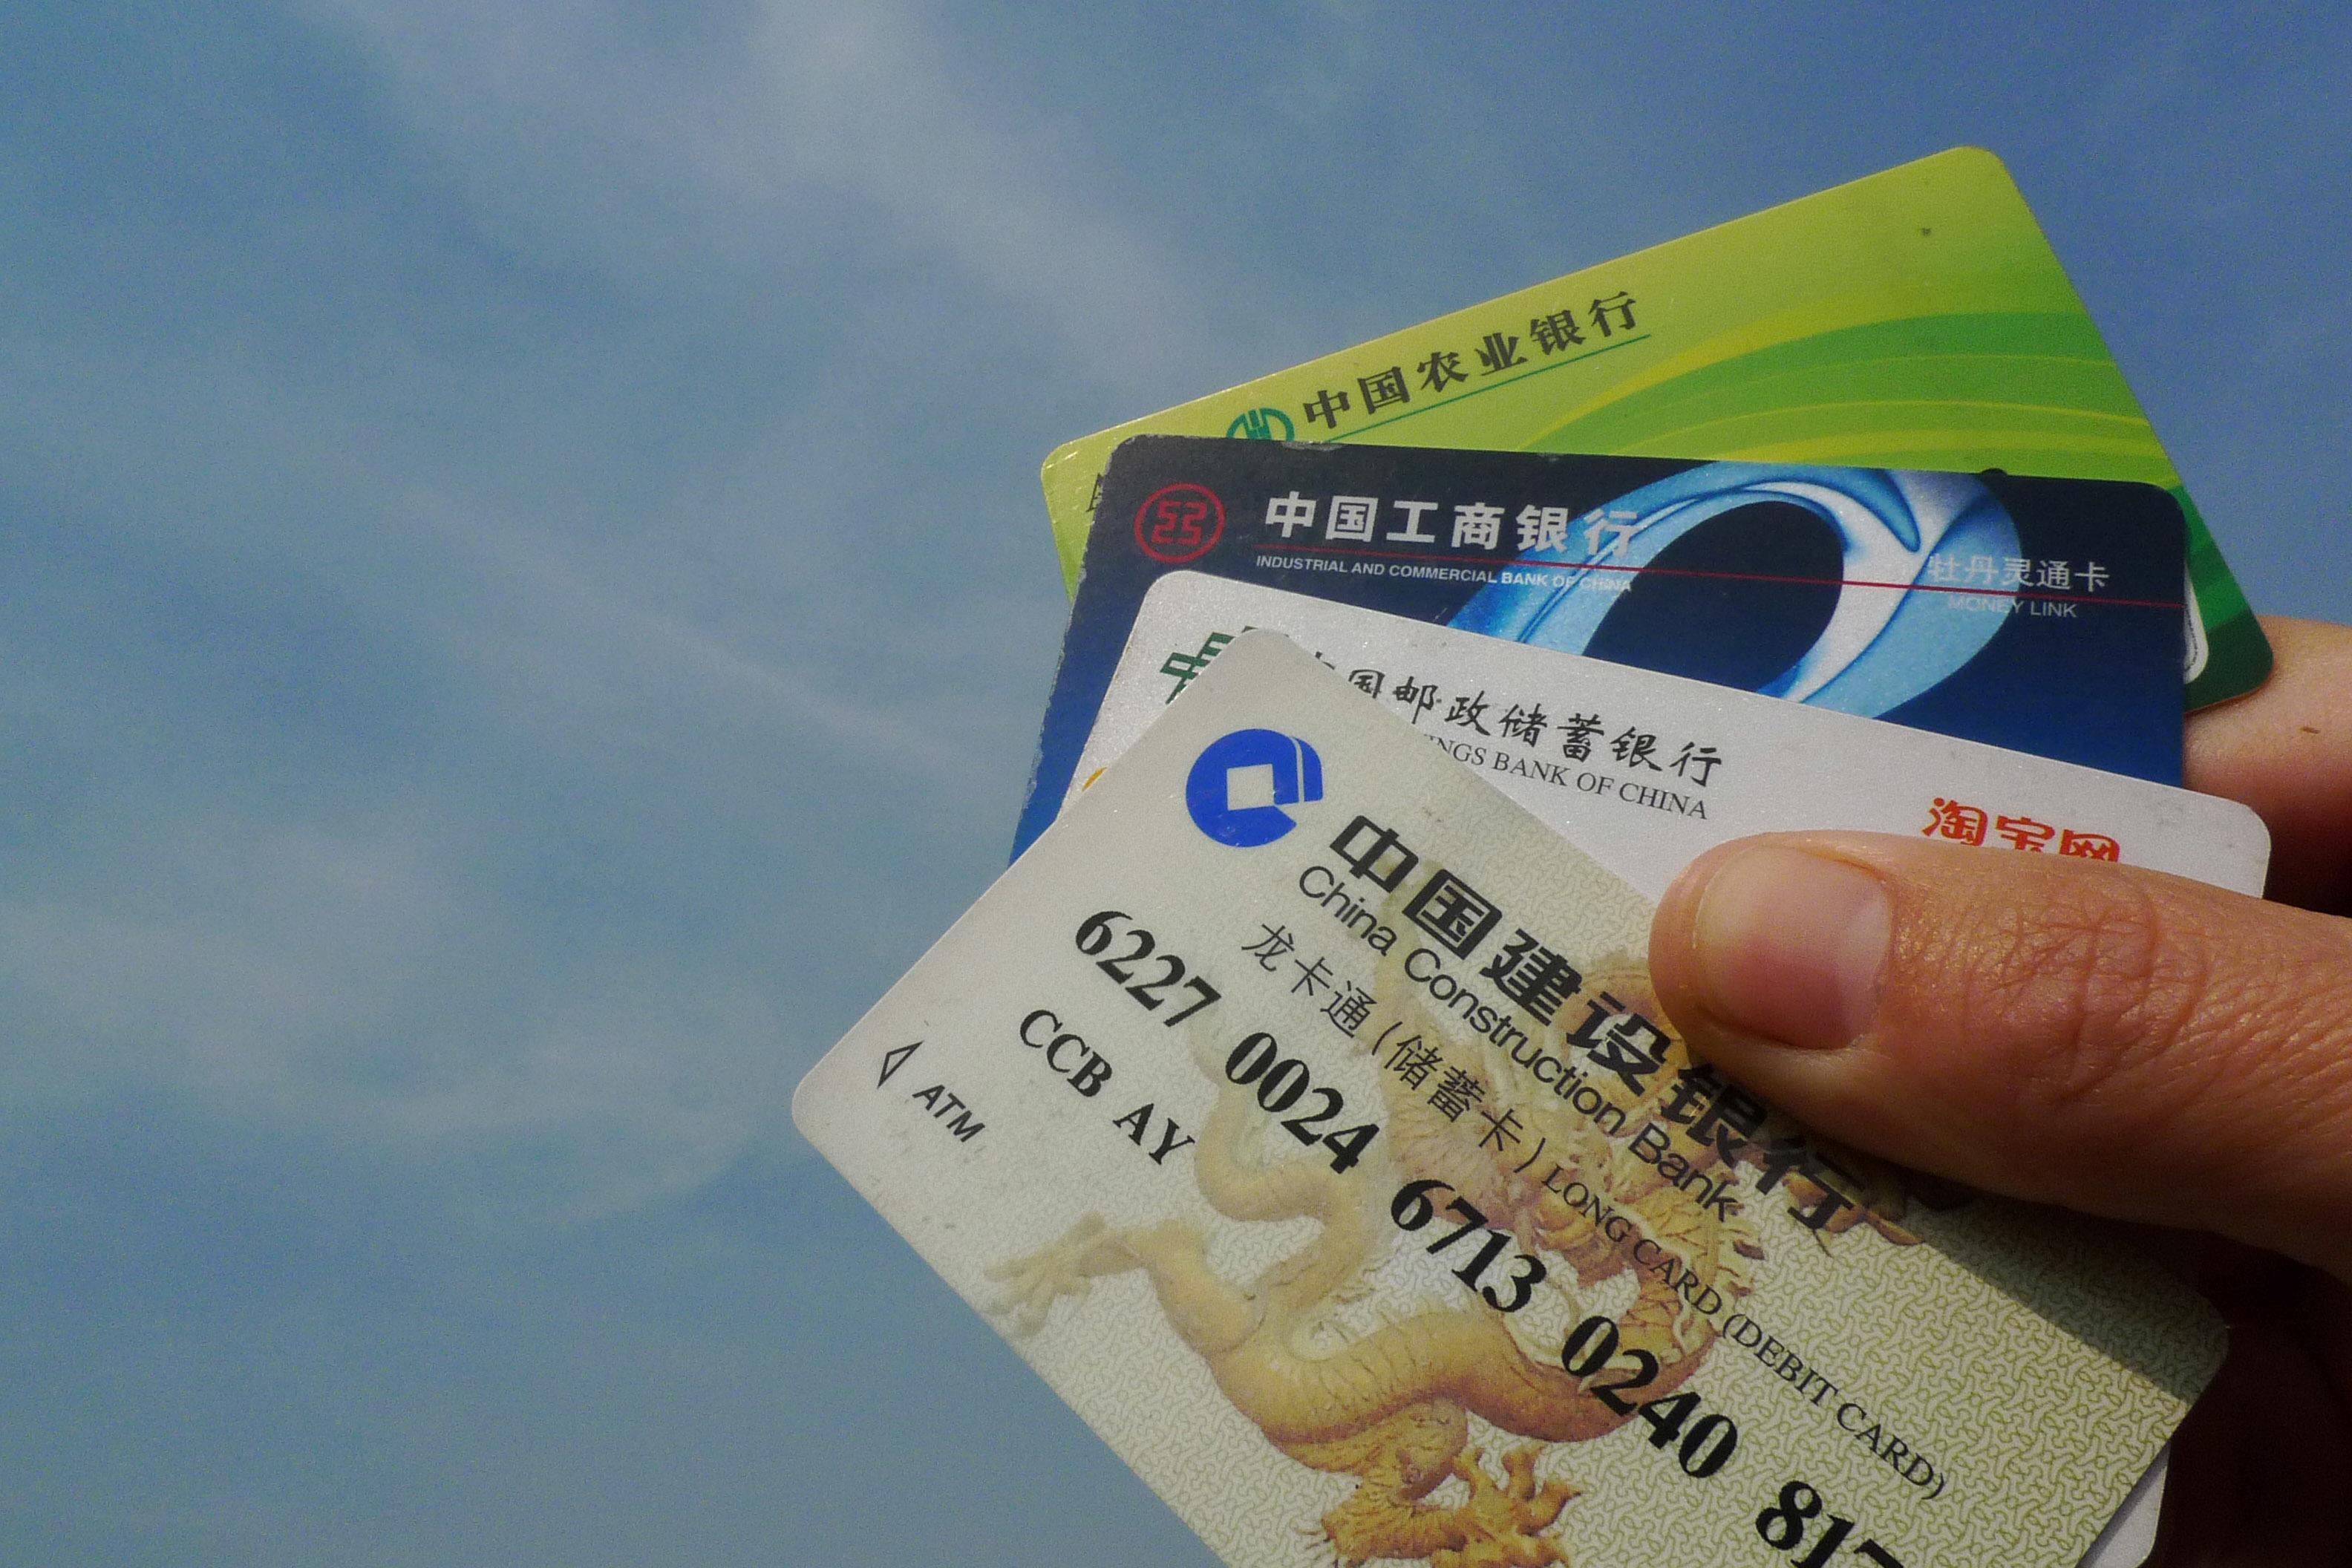 13家银行提额方法总结,适合手持多张信用卡的人!